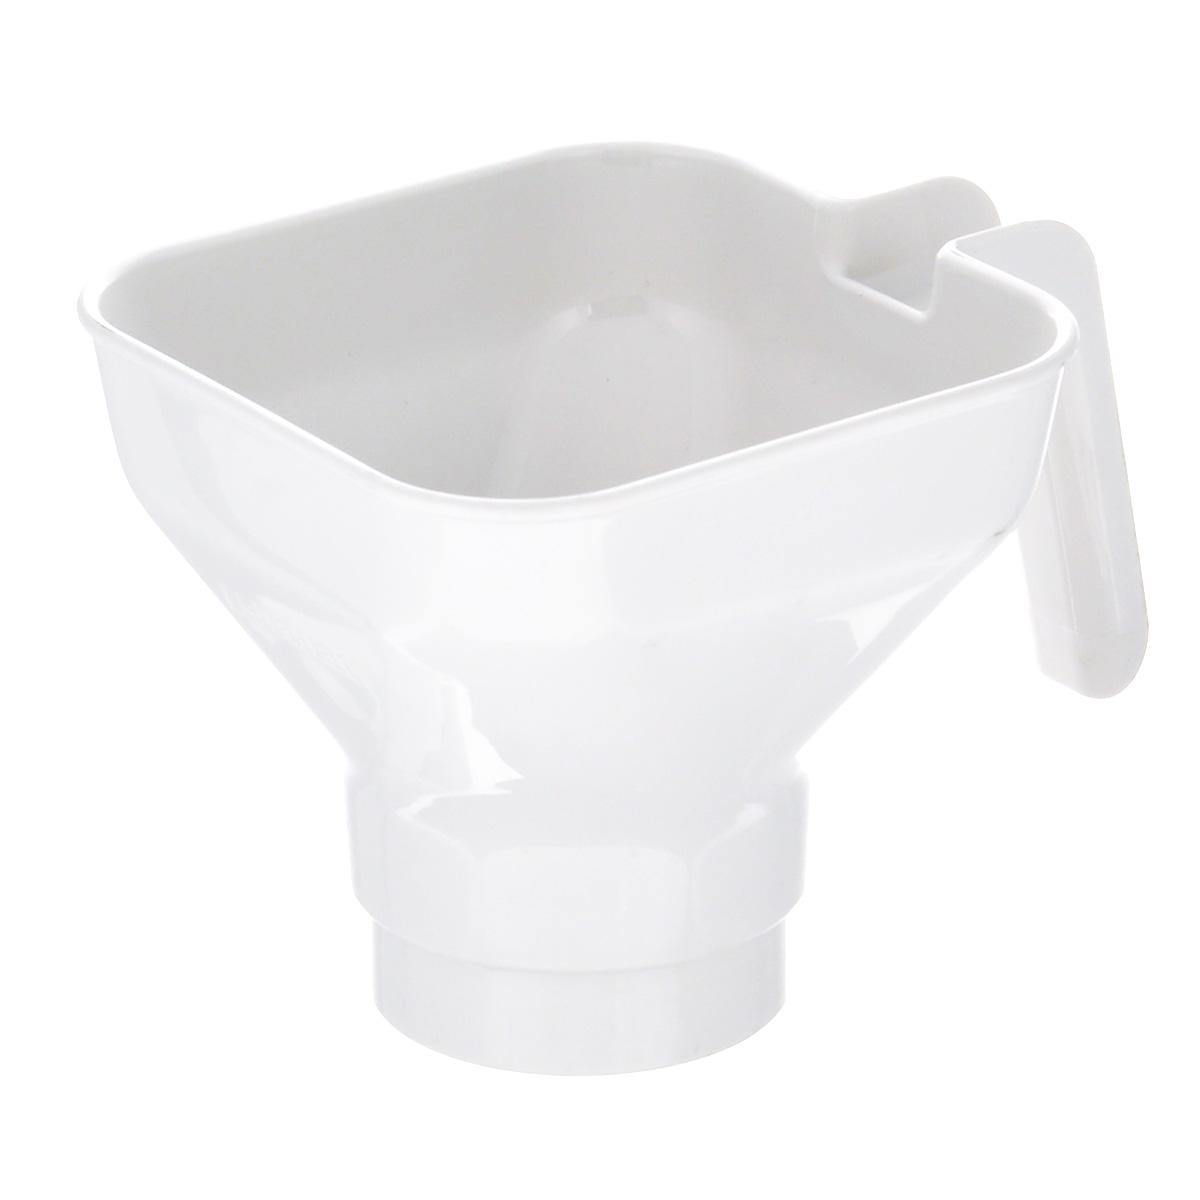 Воронка для варенья Leifheit Creative36500Воронка для варенья Leifheit Creative изготовлена из пищевого пластика. Она представляет собой обычную воронку с ручкой для более удобного использования. Единственное ее отличие состоит в диаметре самого отверстия. Подобное изделие предназначено для разлива варенья в банки и емкости с большим горлышком. Можно использовать для других пищевых продуктов. Подходит для мытья в посудомоечной машине.